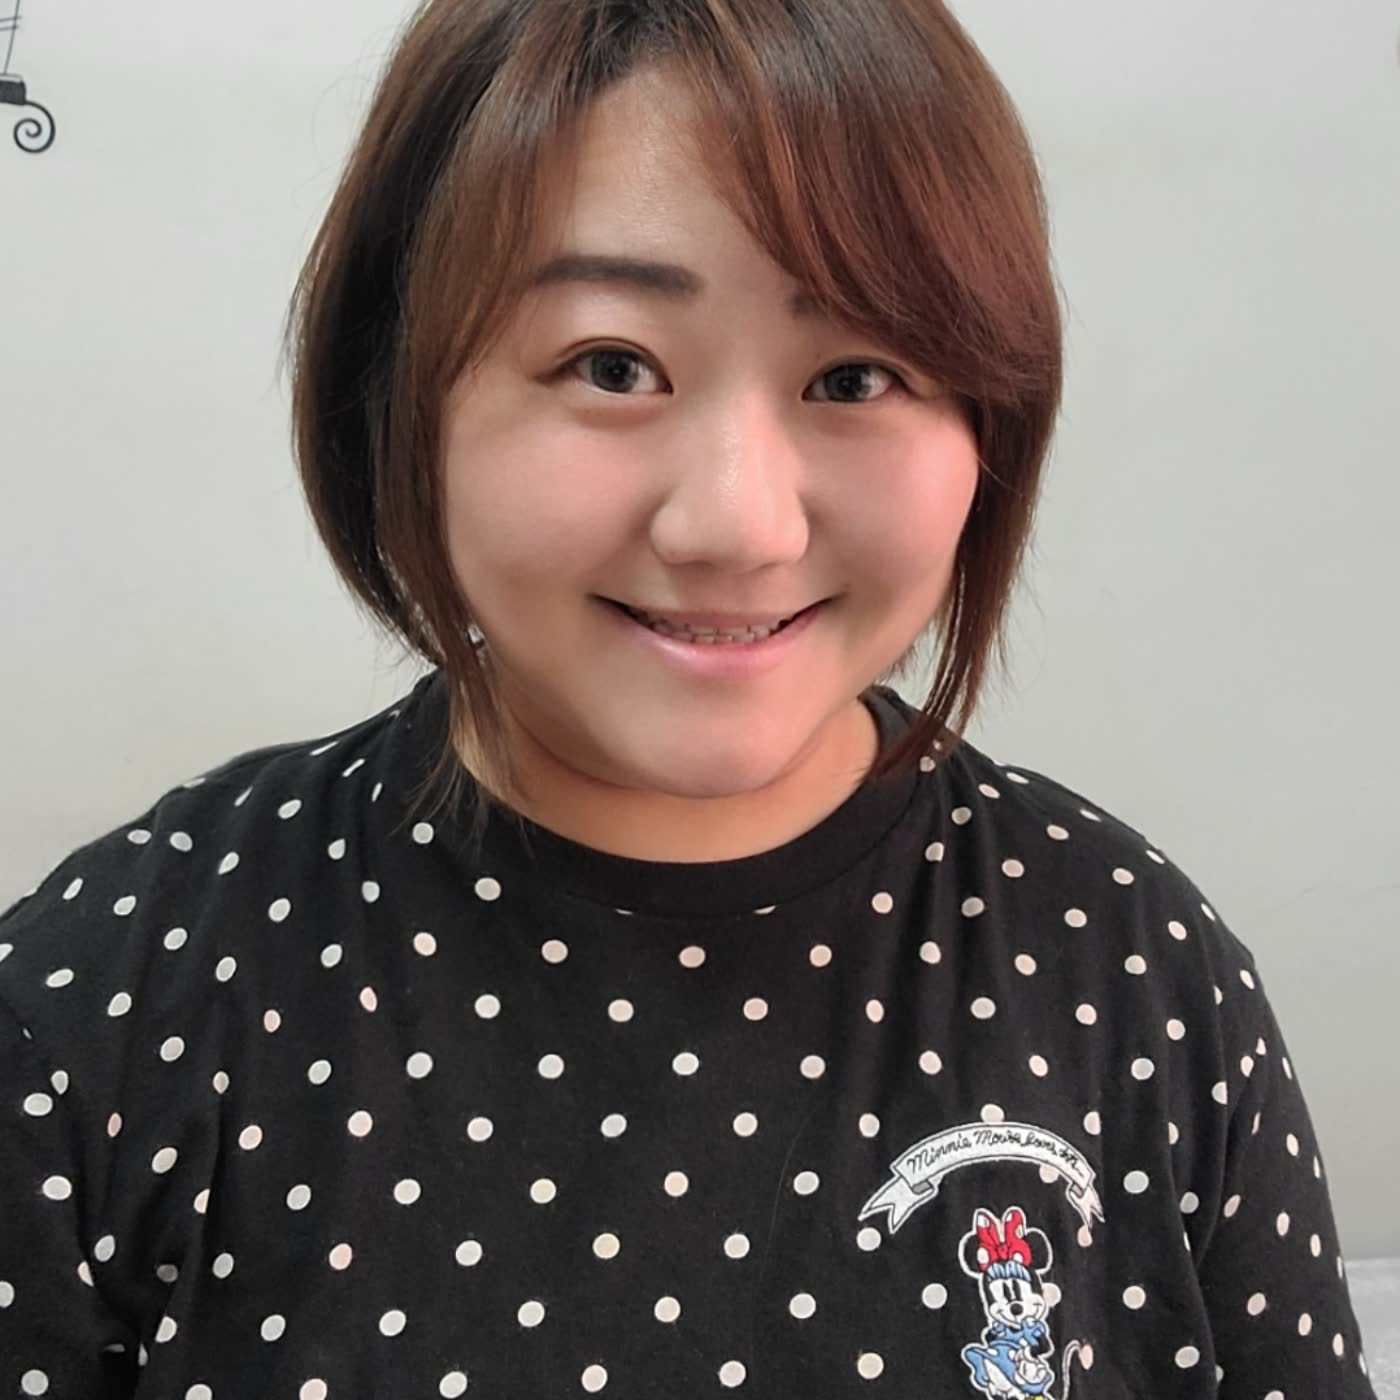 給媽媽的睡前故事系列-永遠的尹雪艷(2)